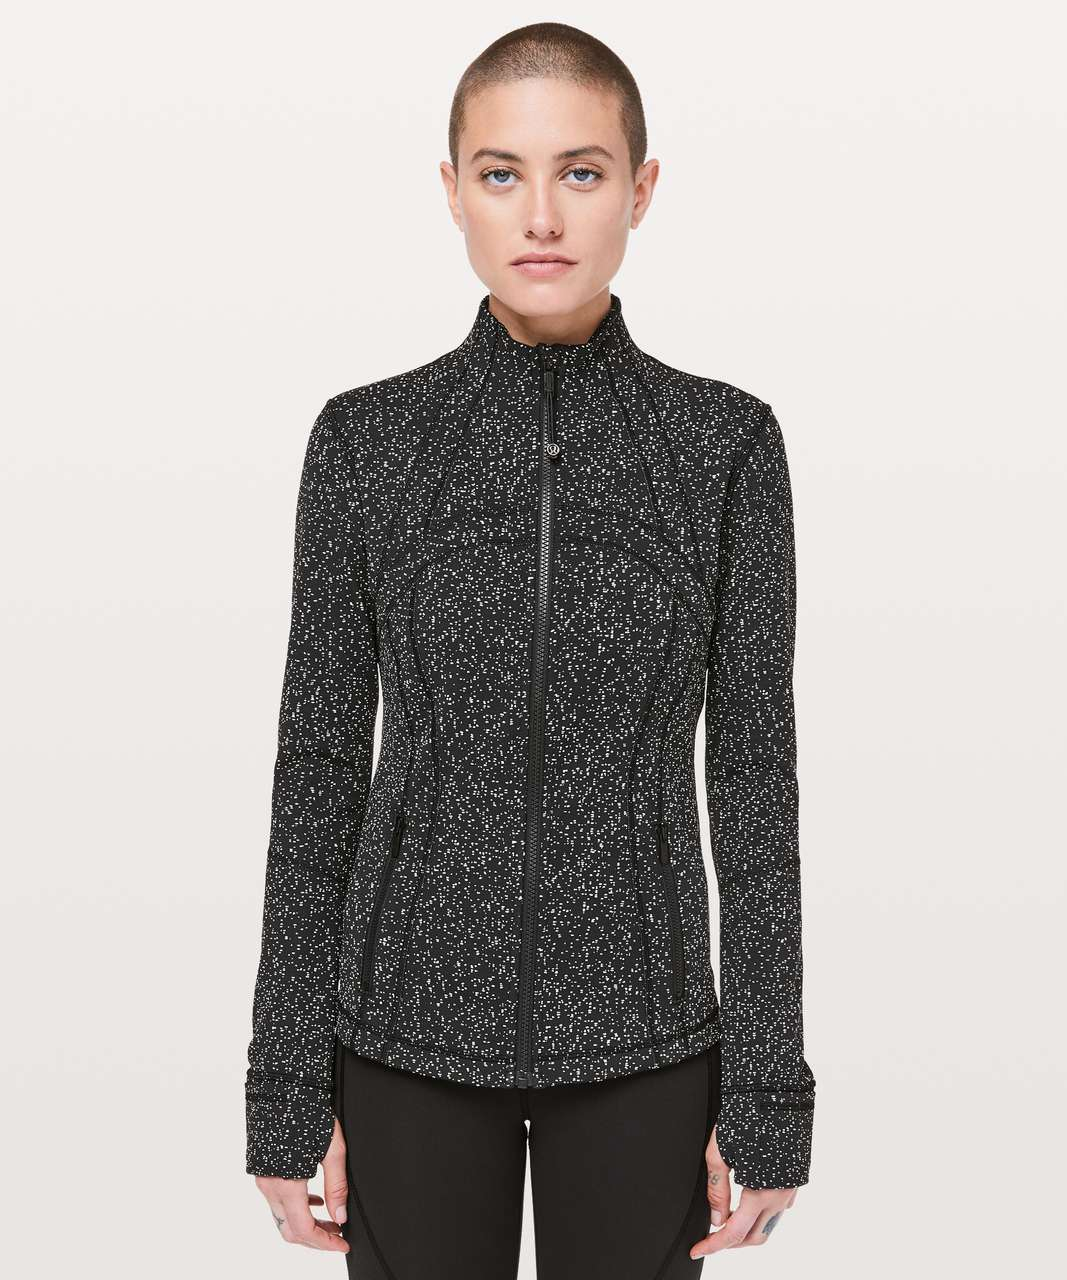 Lululemon Define Jacket - Magnetized Jacquard Black White